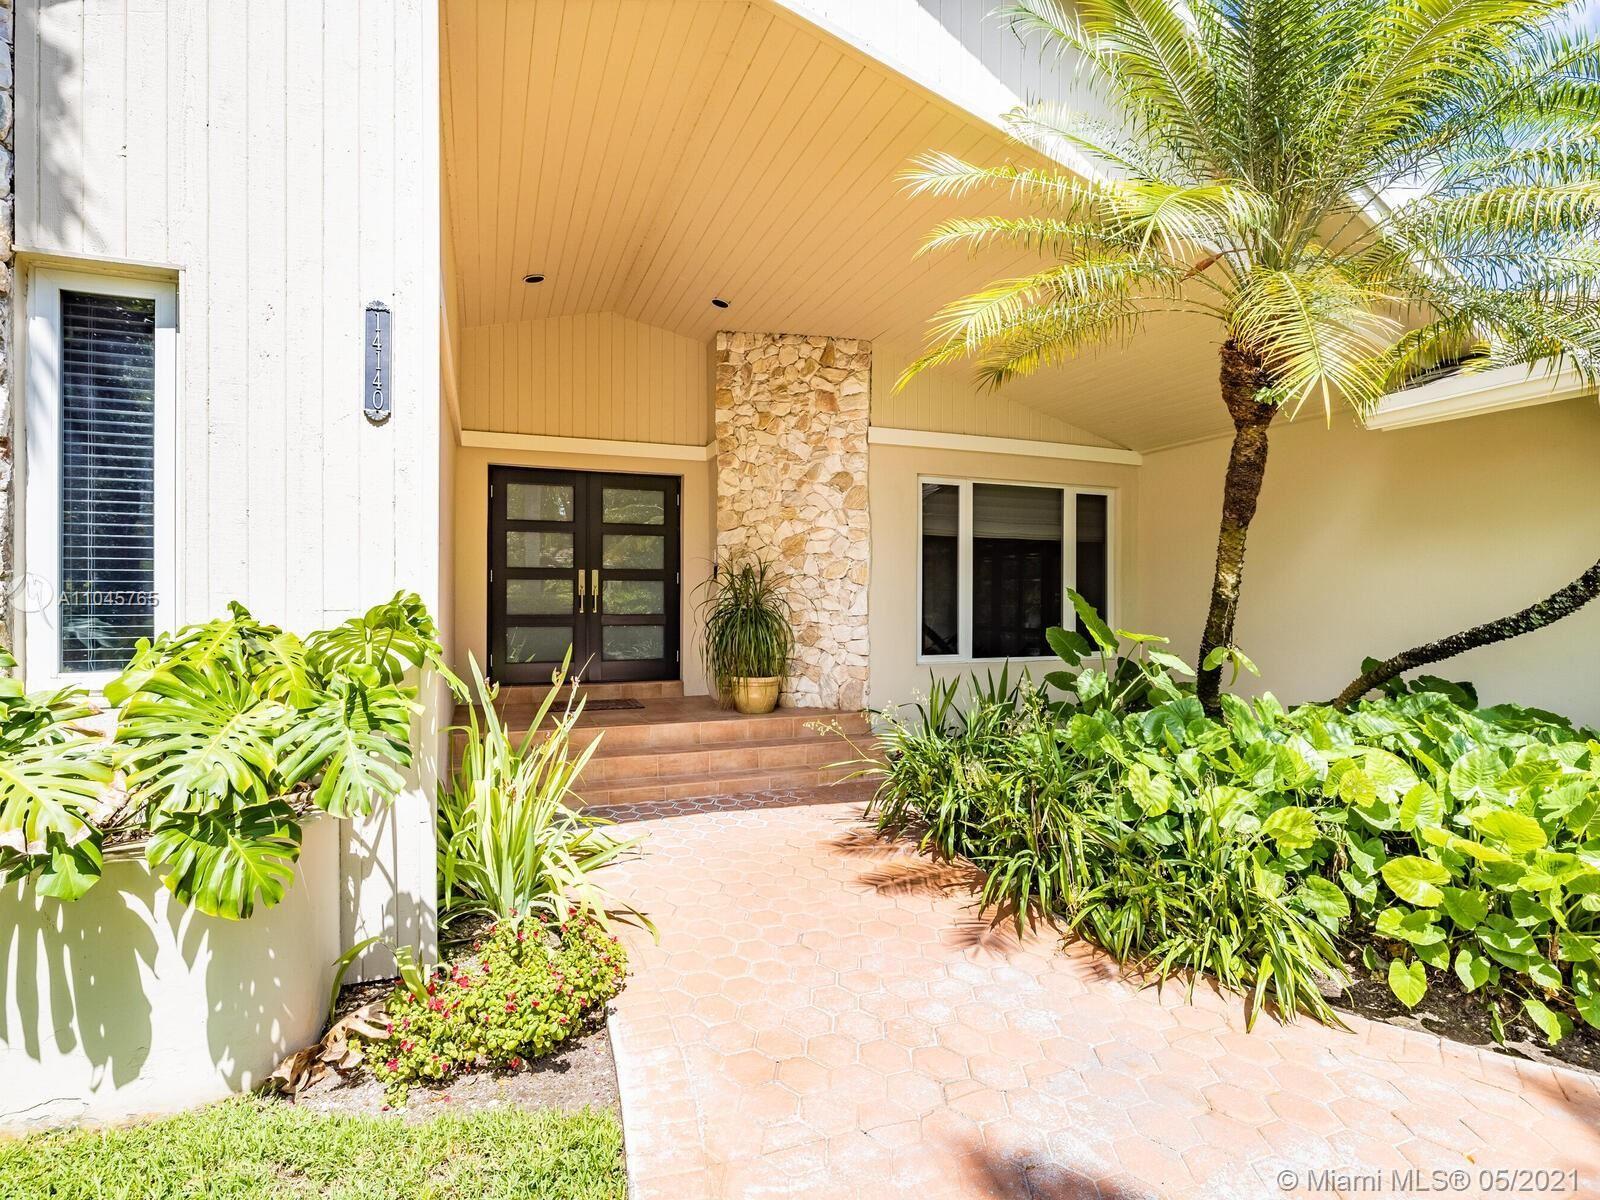 14140 SW 104th Ave, Miami, FL 33176 - #: A11045765